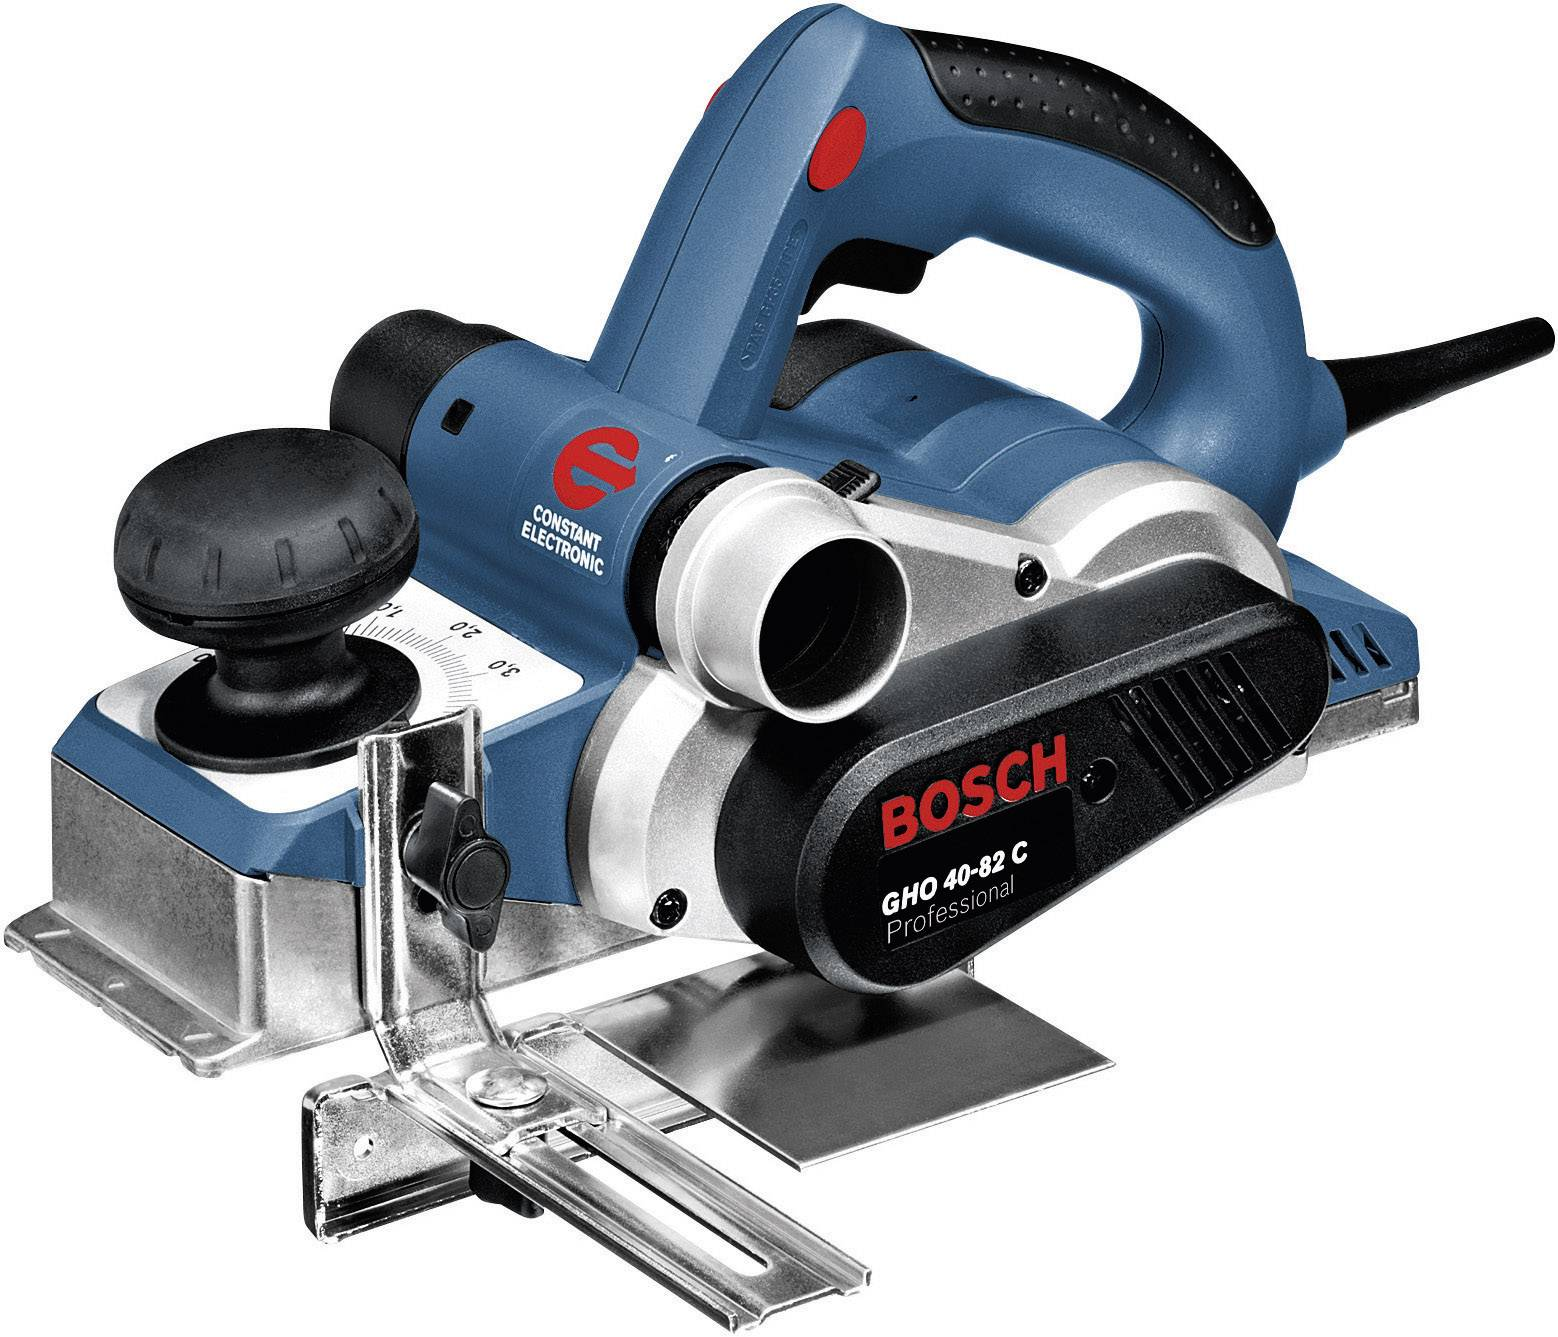 Hoblík Bosch GHO 40-82 C, drážkovací hĺbkový doraz, prídavný nôž 060159A760